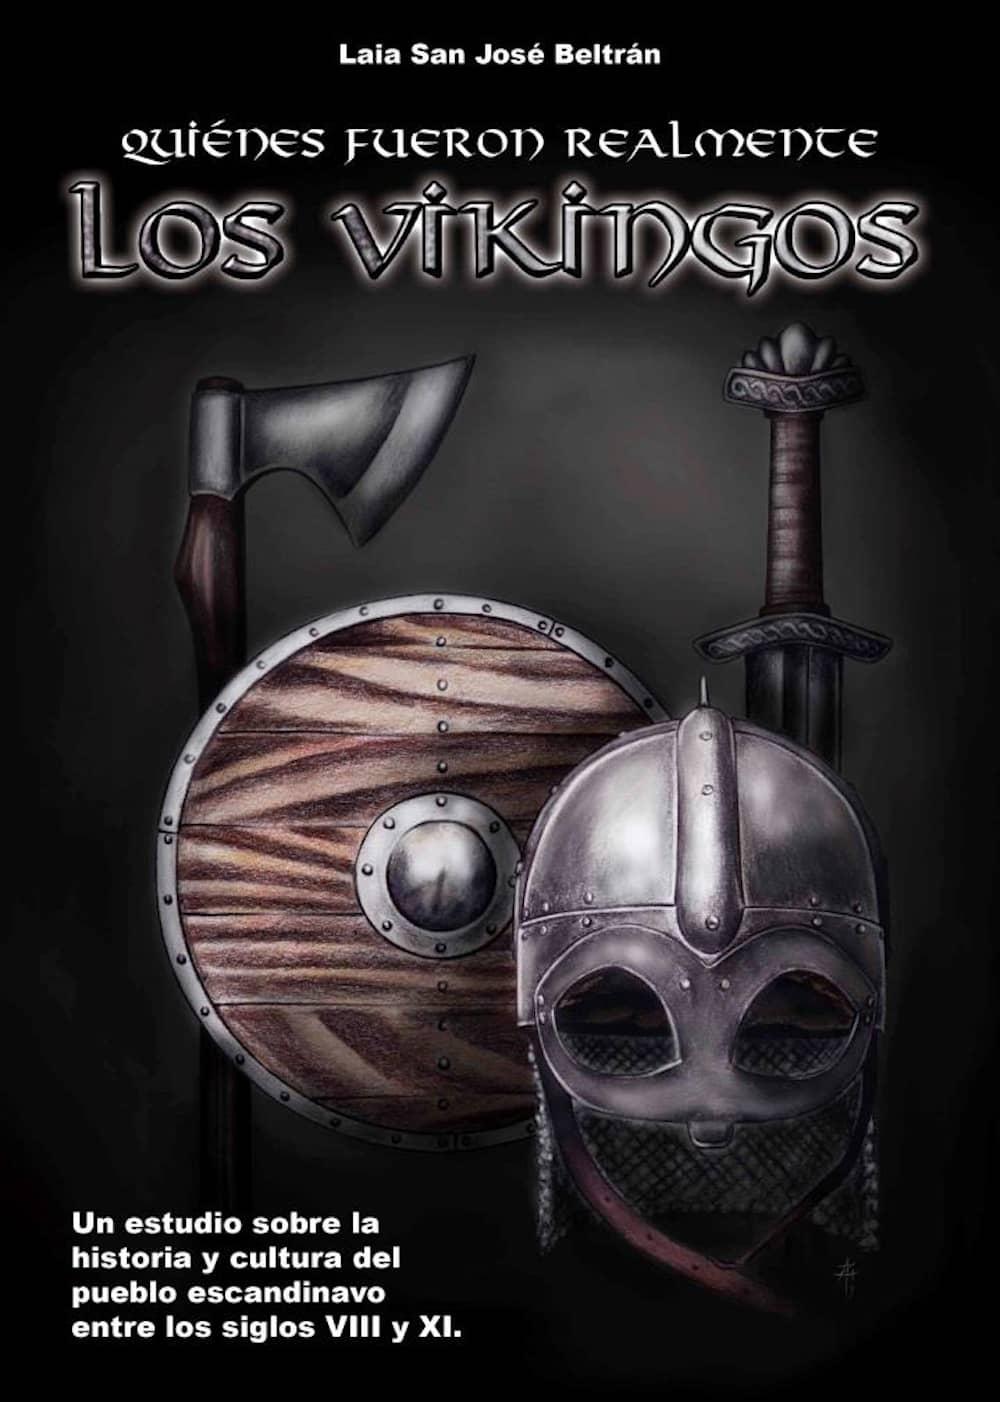 QUIENES FUERON REALMENTE LOS VIKINGOS